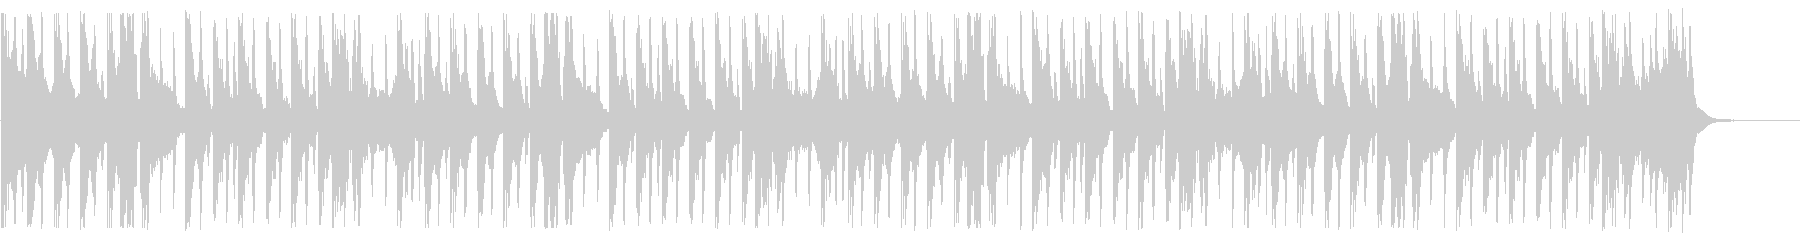 サイバーなディープハウス_No679_4の未再生の波形